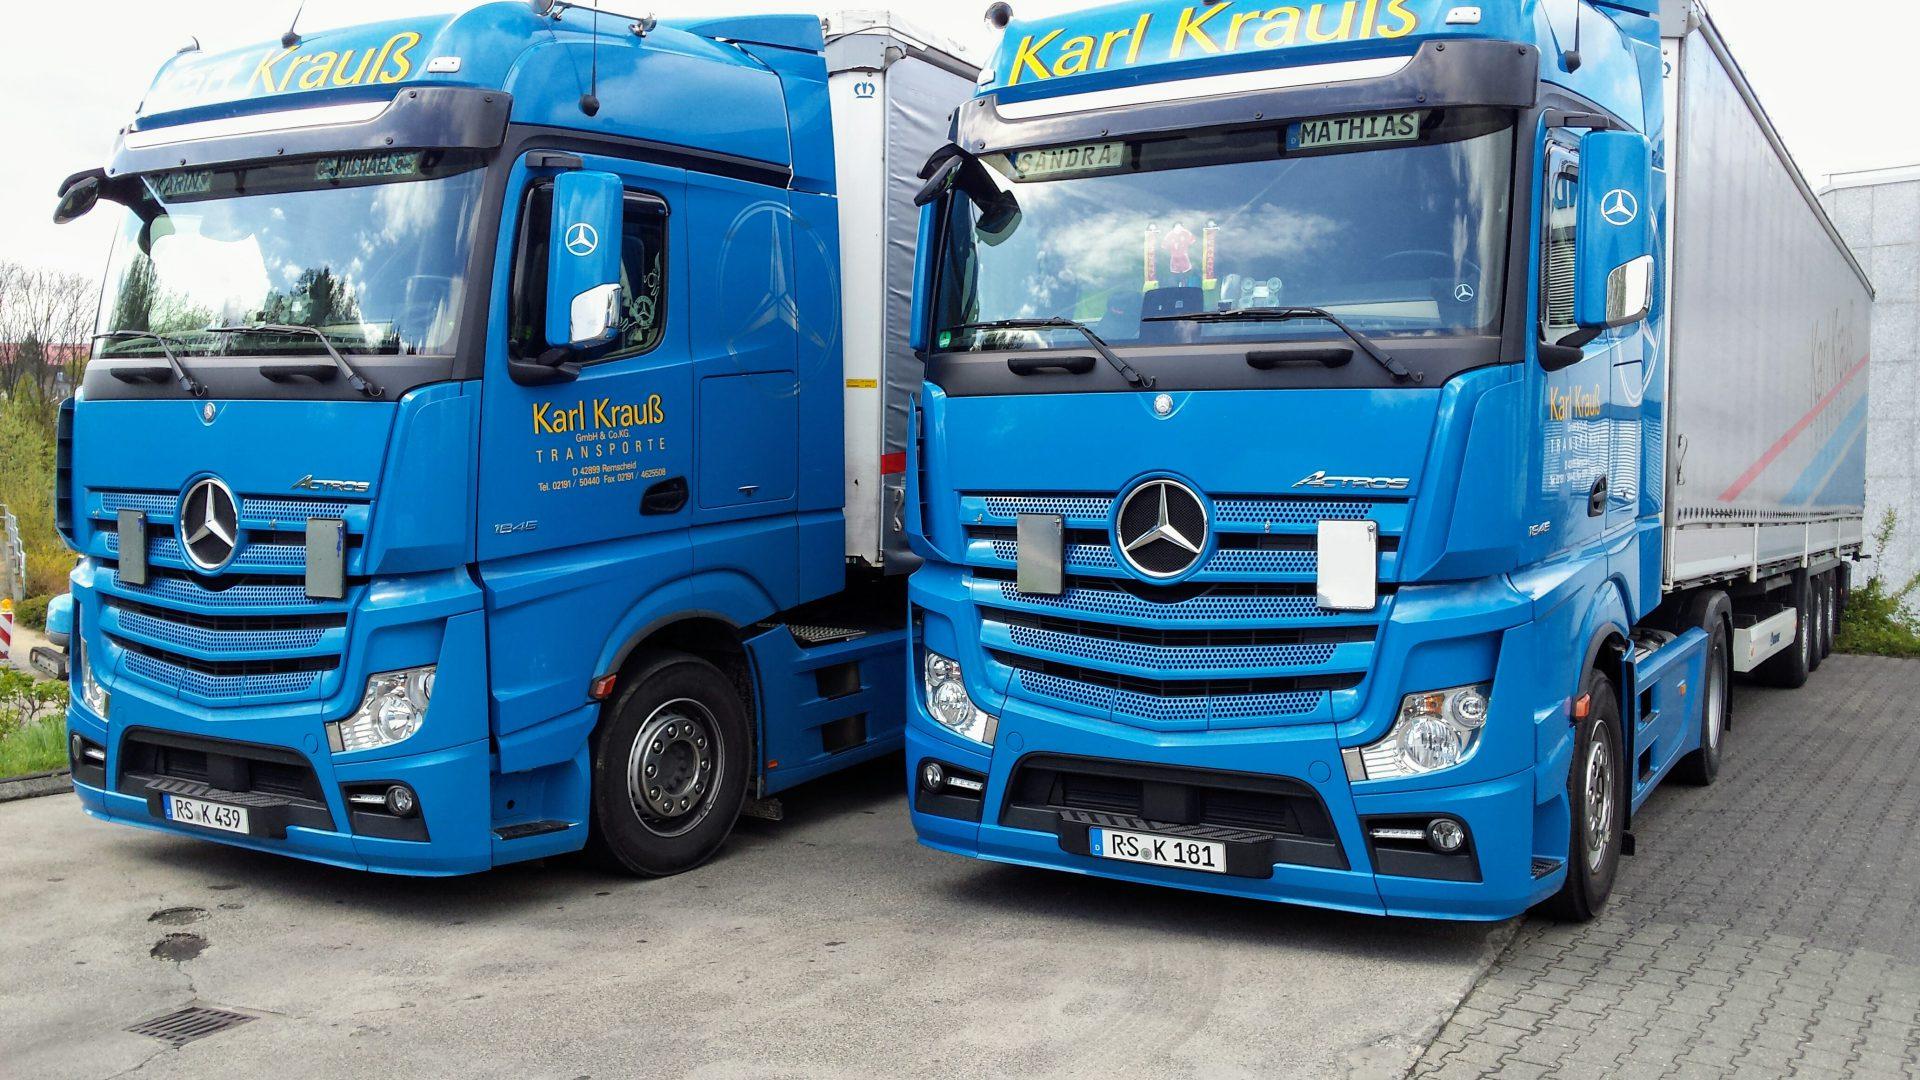 Karl Krauß Transporte aus Remscheid